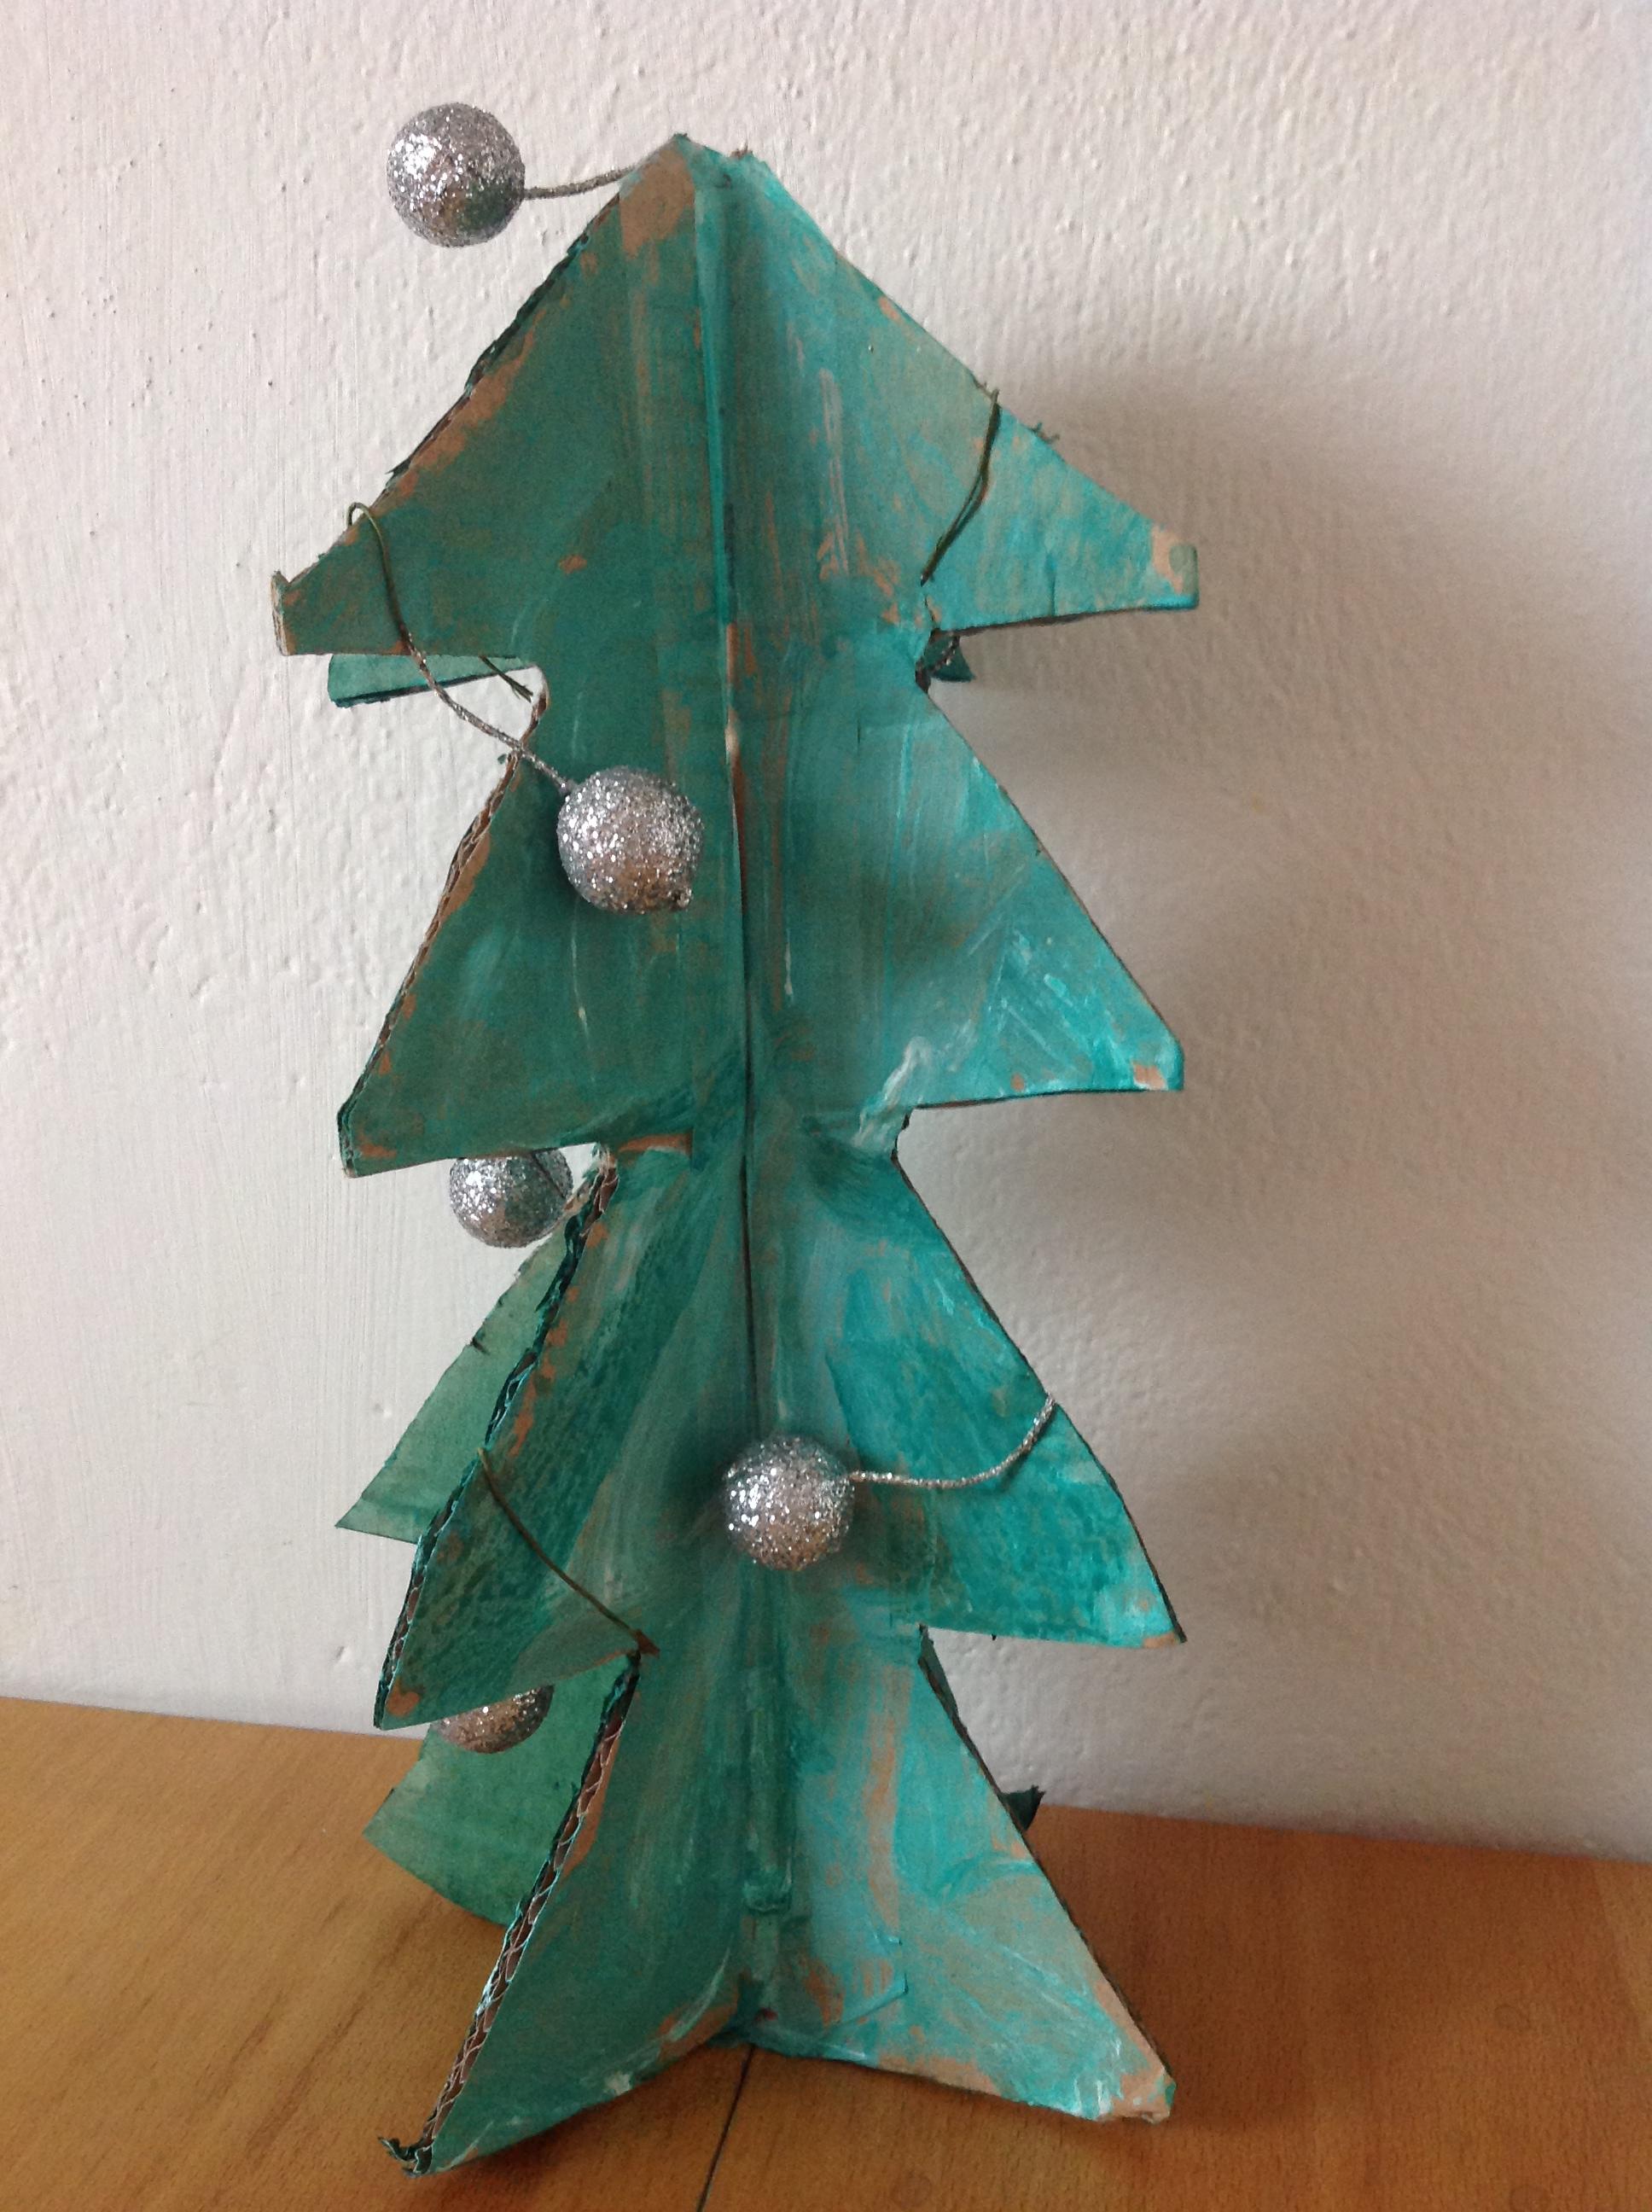 Vianočné aktivity pre deti